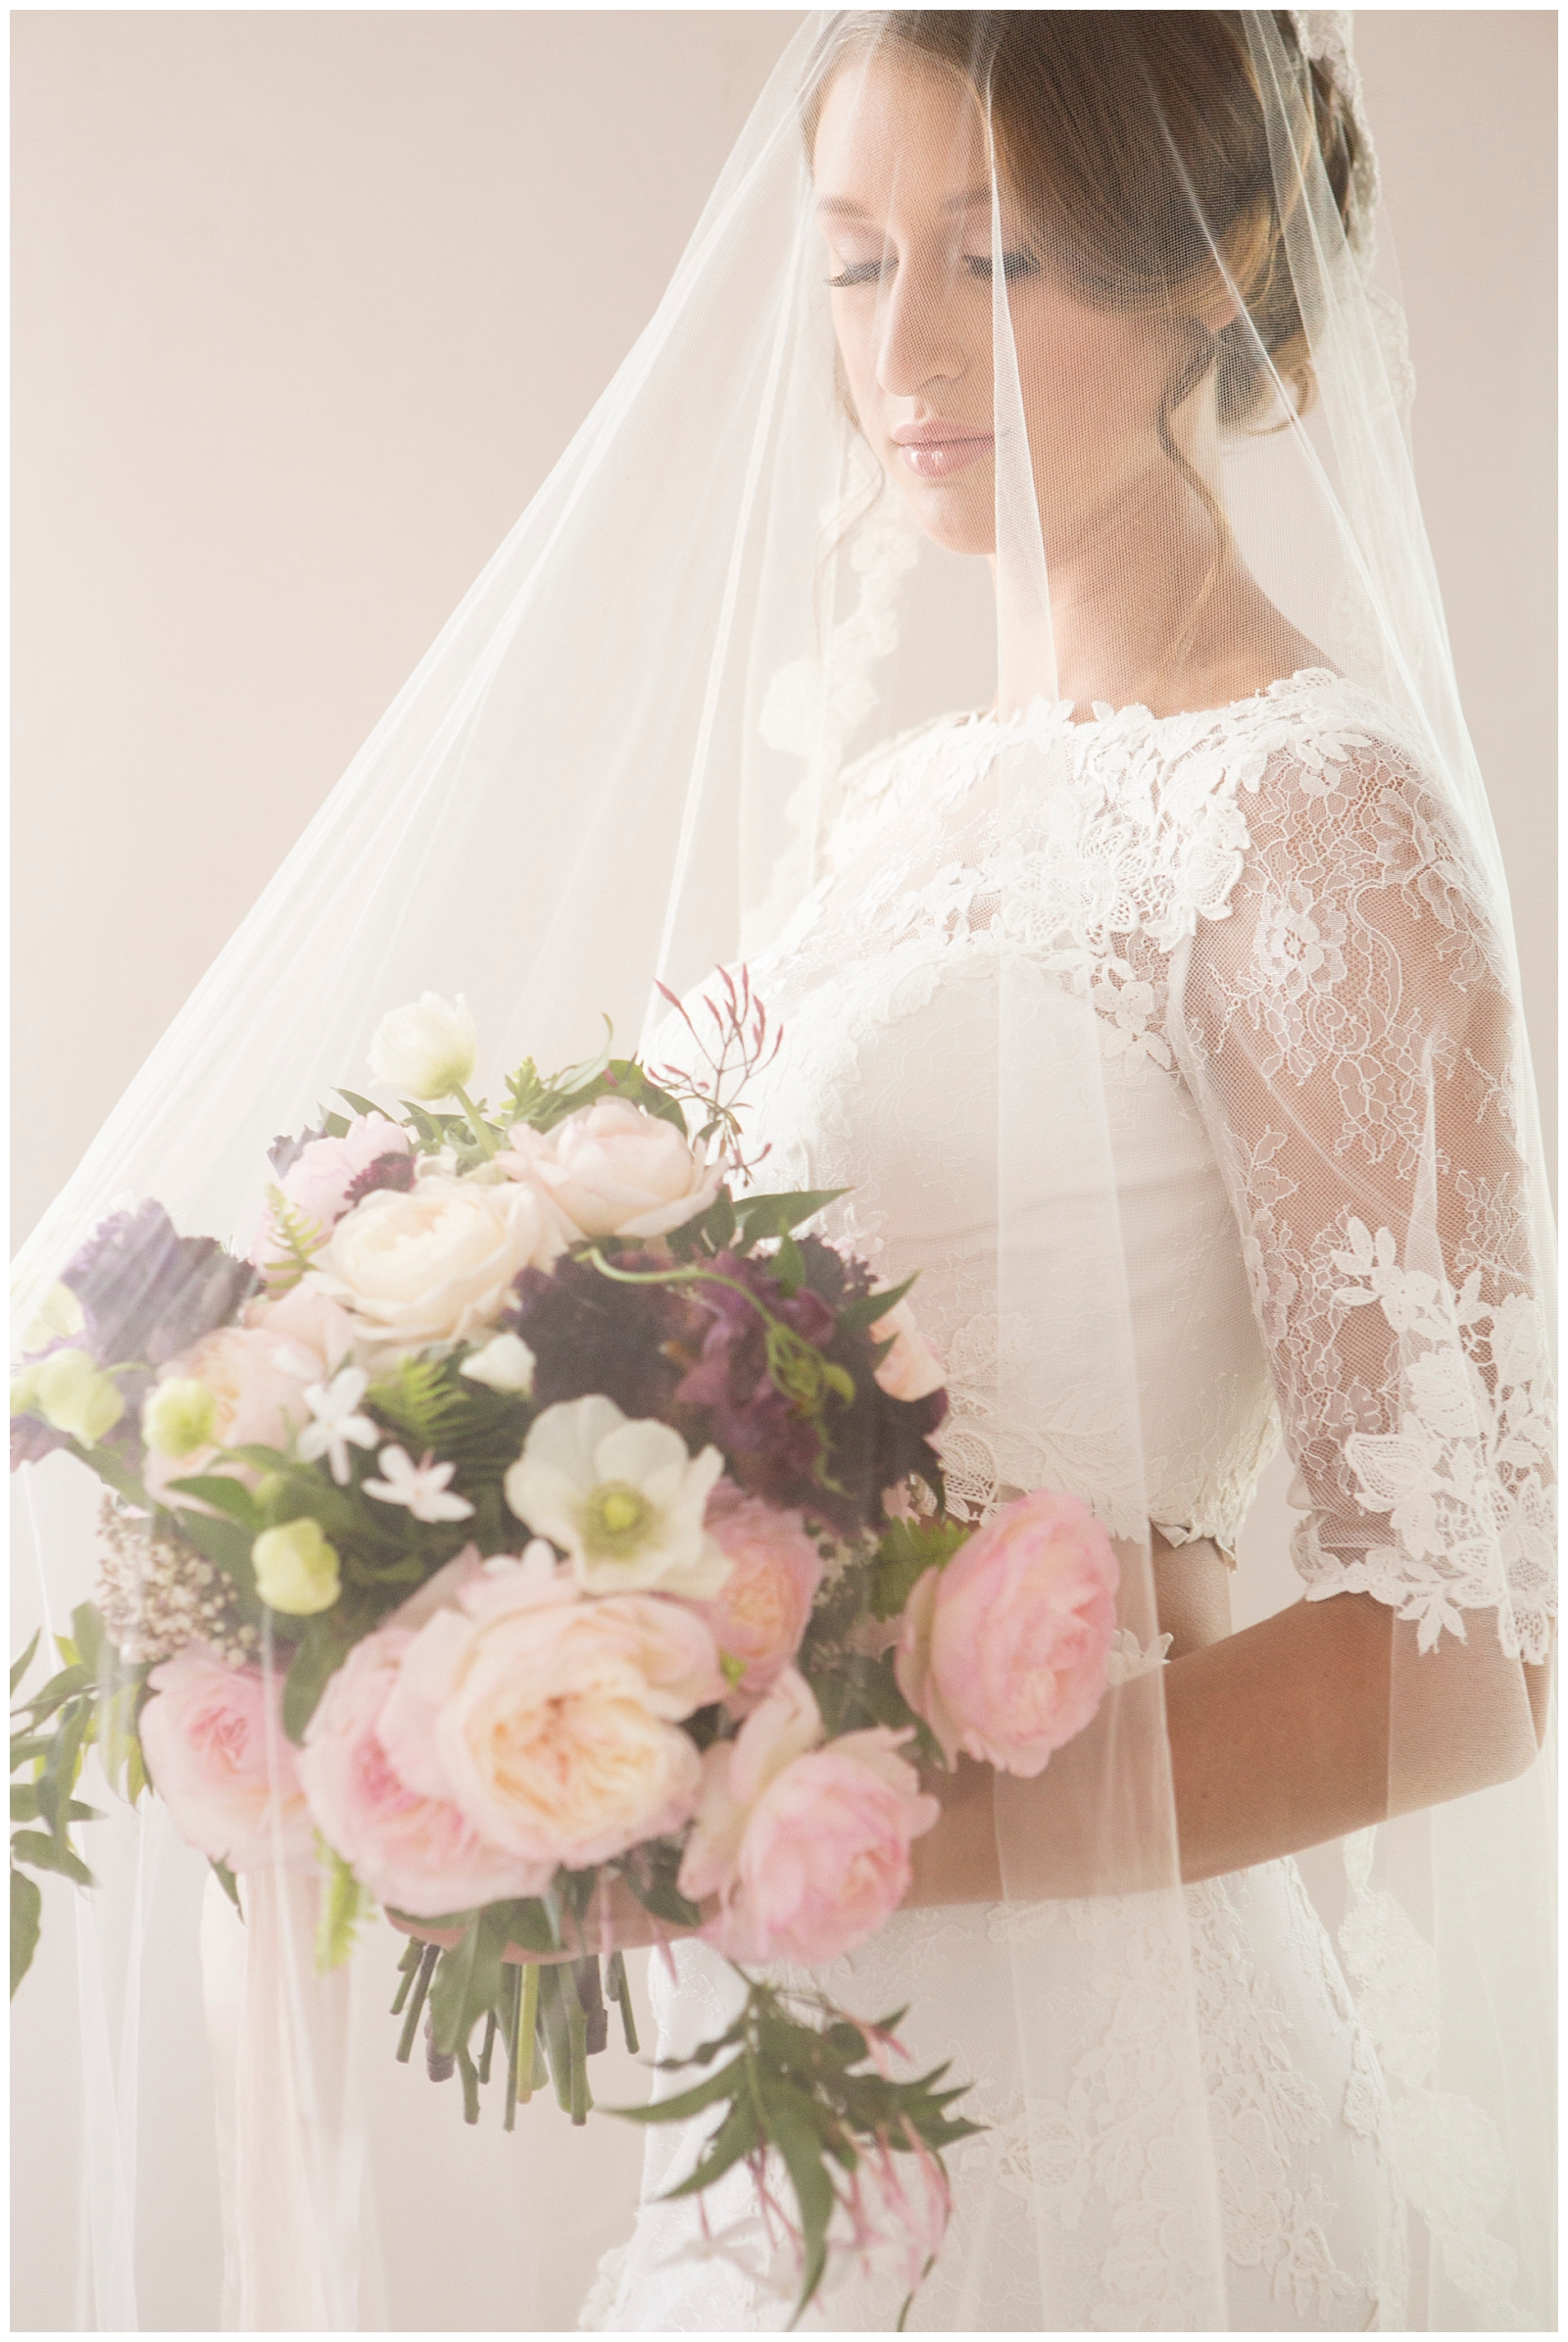 Bridal-Veil-inspiration-Epiphany-Boutique-Carol-Oliva-Photography.jpg